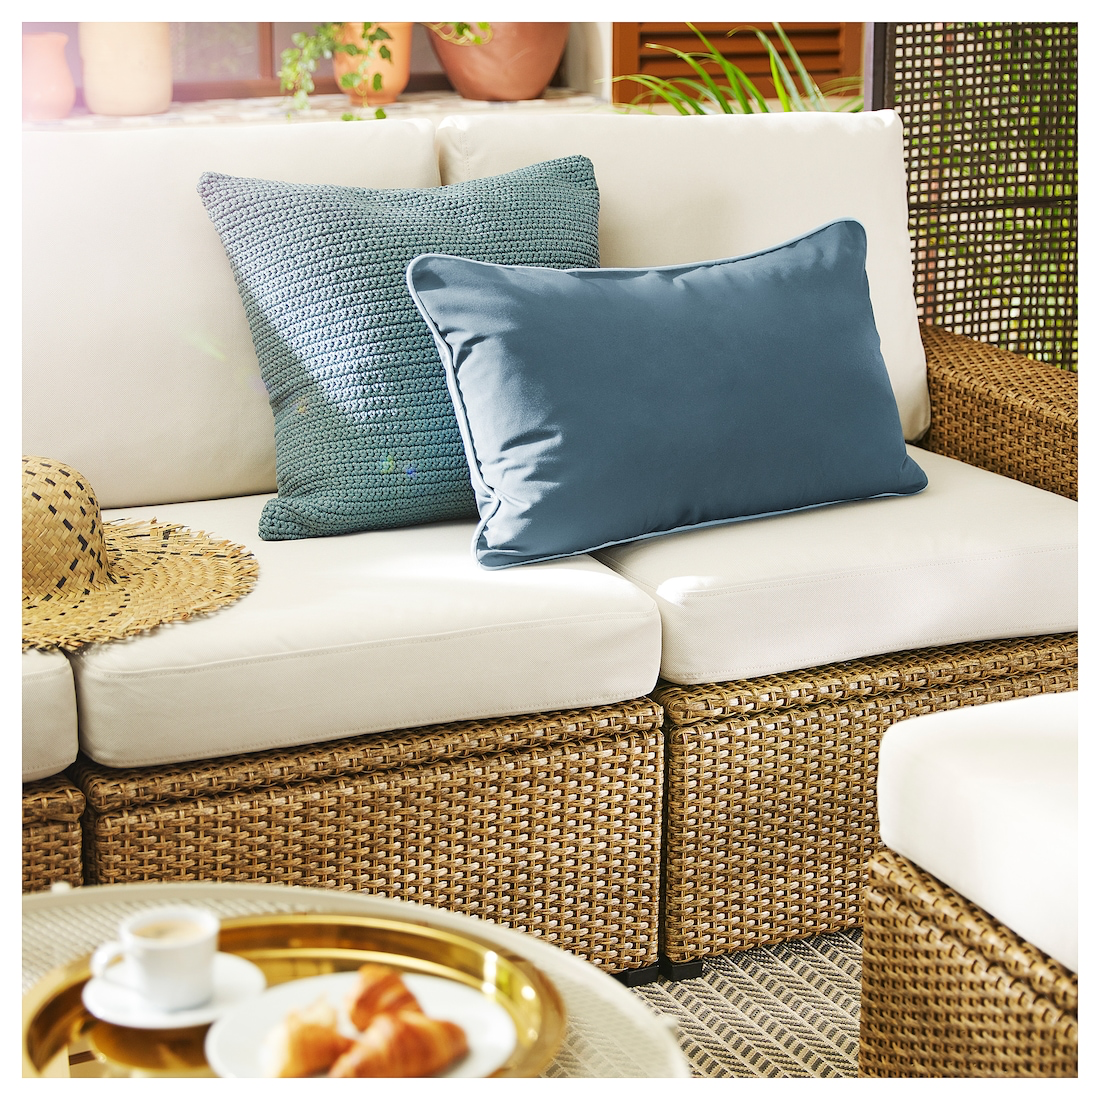 Pin by as on インテリア in 2020 Modular sofa, Ikea, Cushions